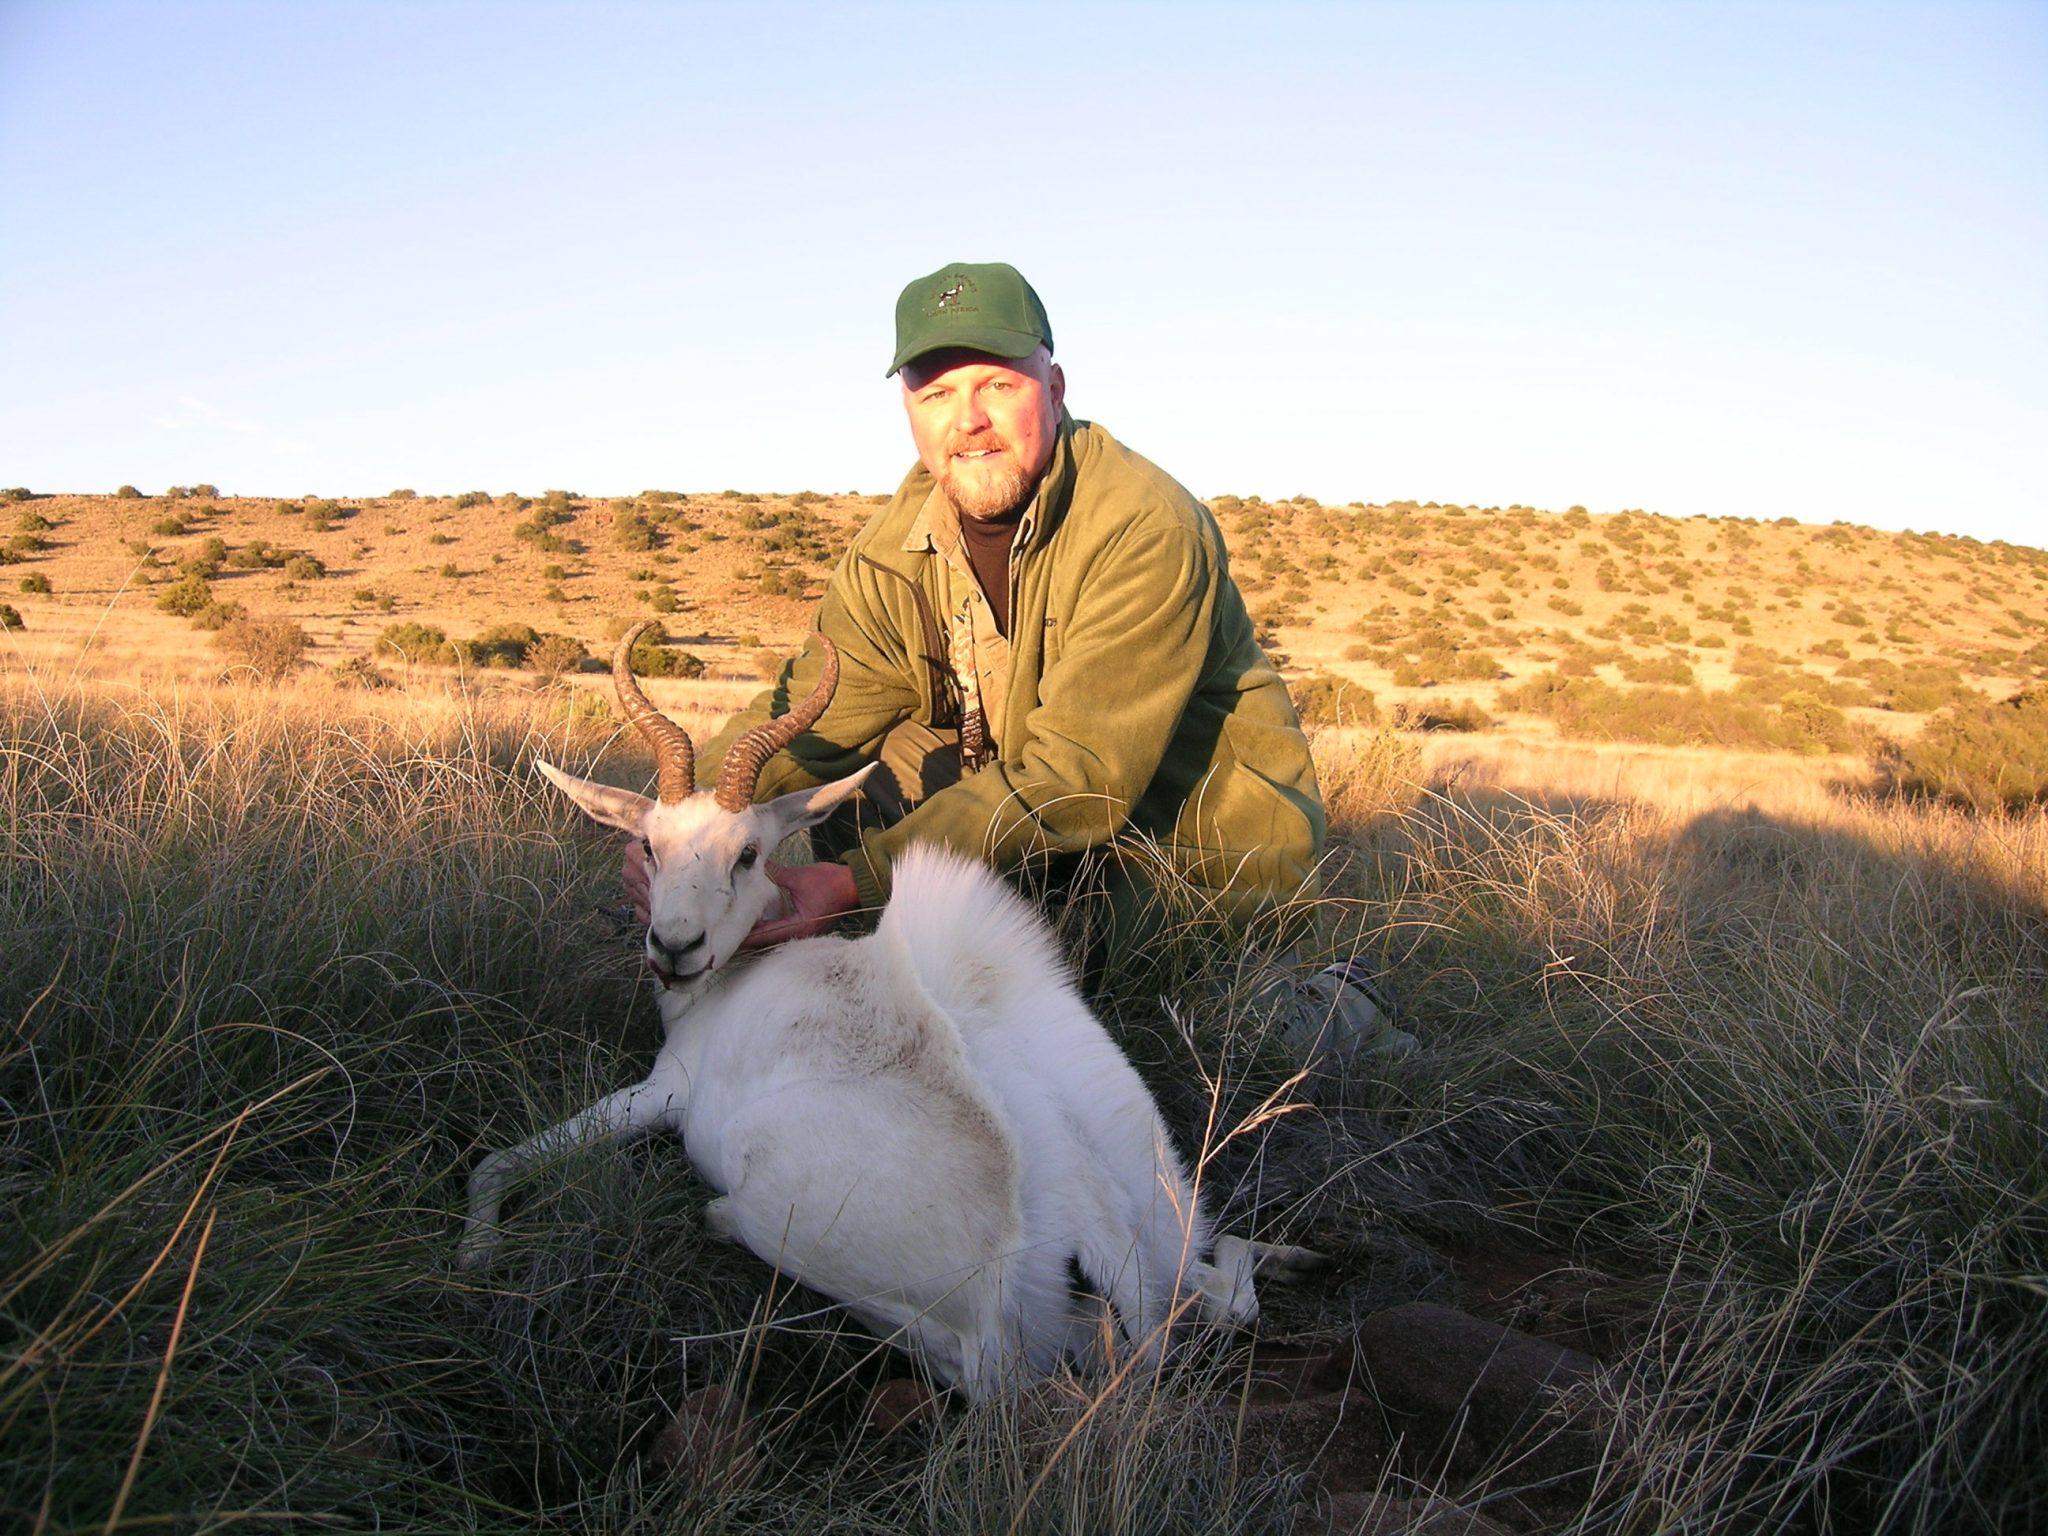 June_2007_Safari_White_Springbok_1